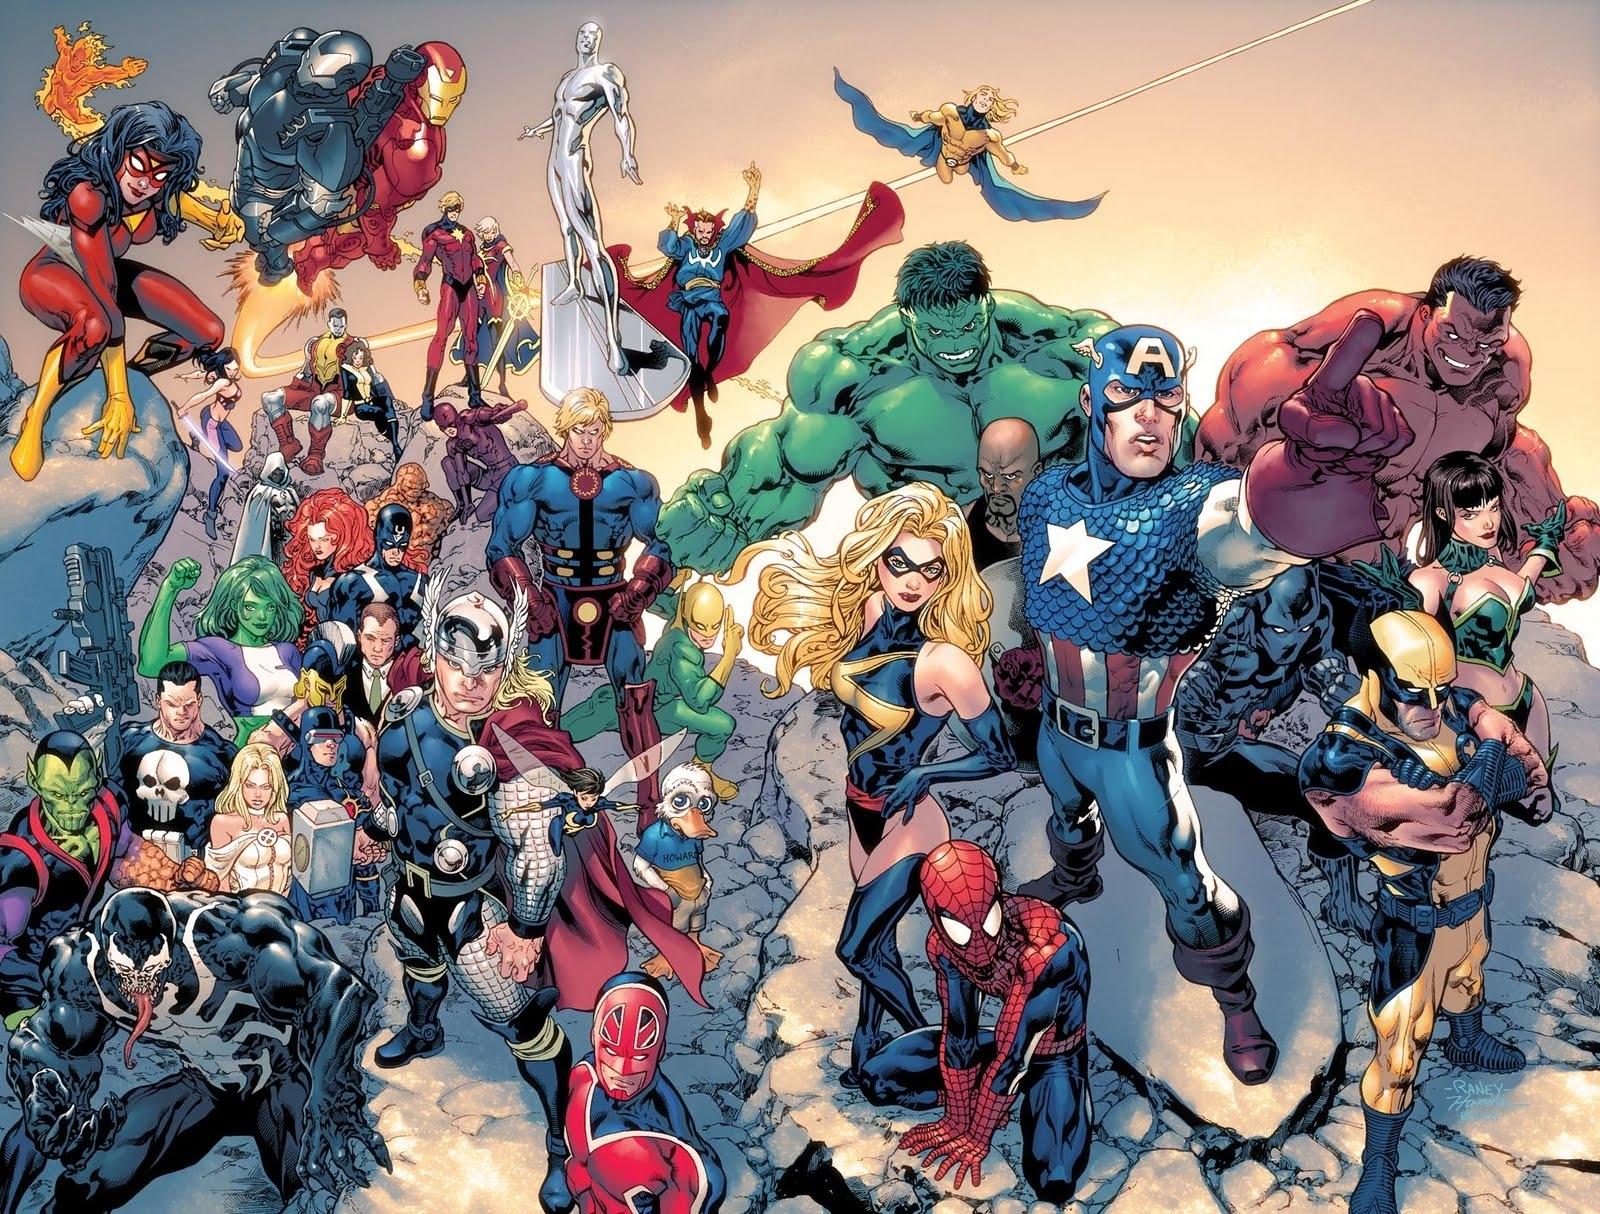 Beautiful Wallpaper Marvel Full Hd - marvel-comics-wallpaper-marvel-comics-hd-desktop-wallpapers  Pictures_183925.jpg